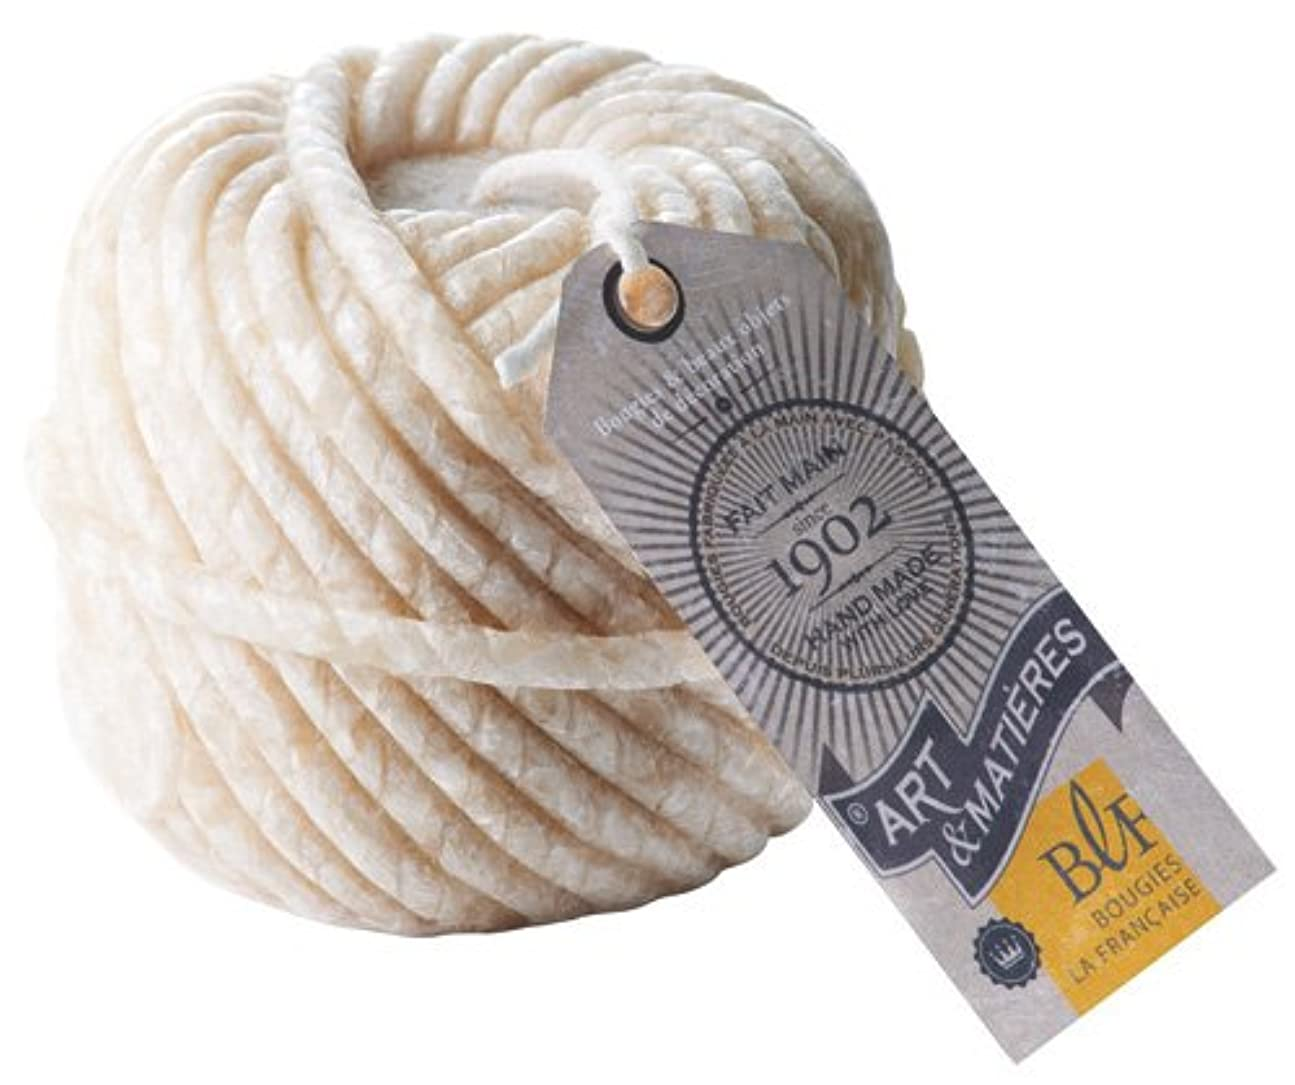 姿を消す怒っている現実ブジ?ラ?フランセーズ 本物の毛糸玉のような ウールボールキャンドル ホワイト